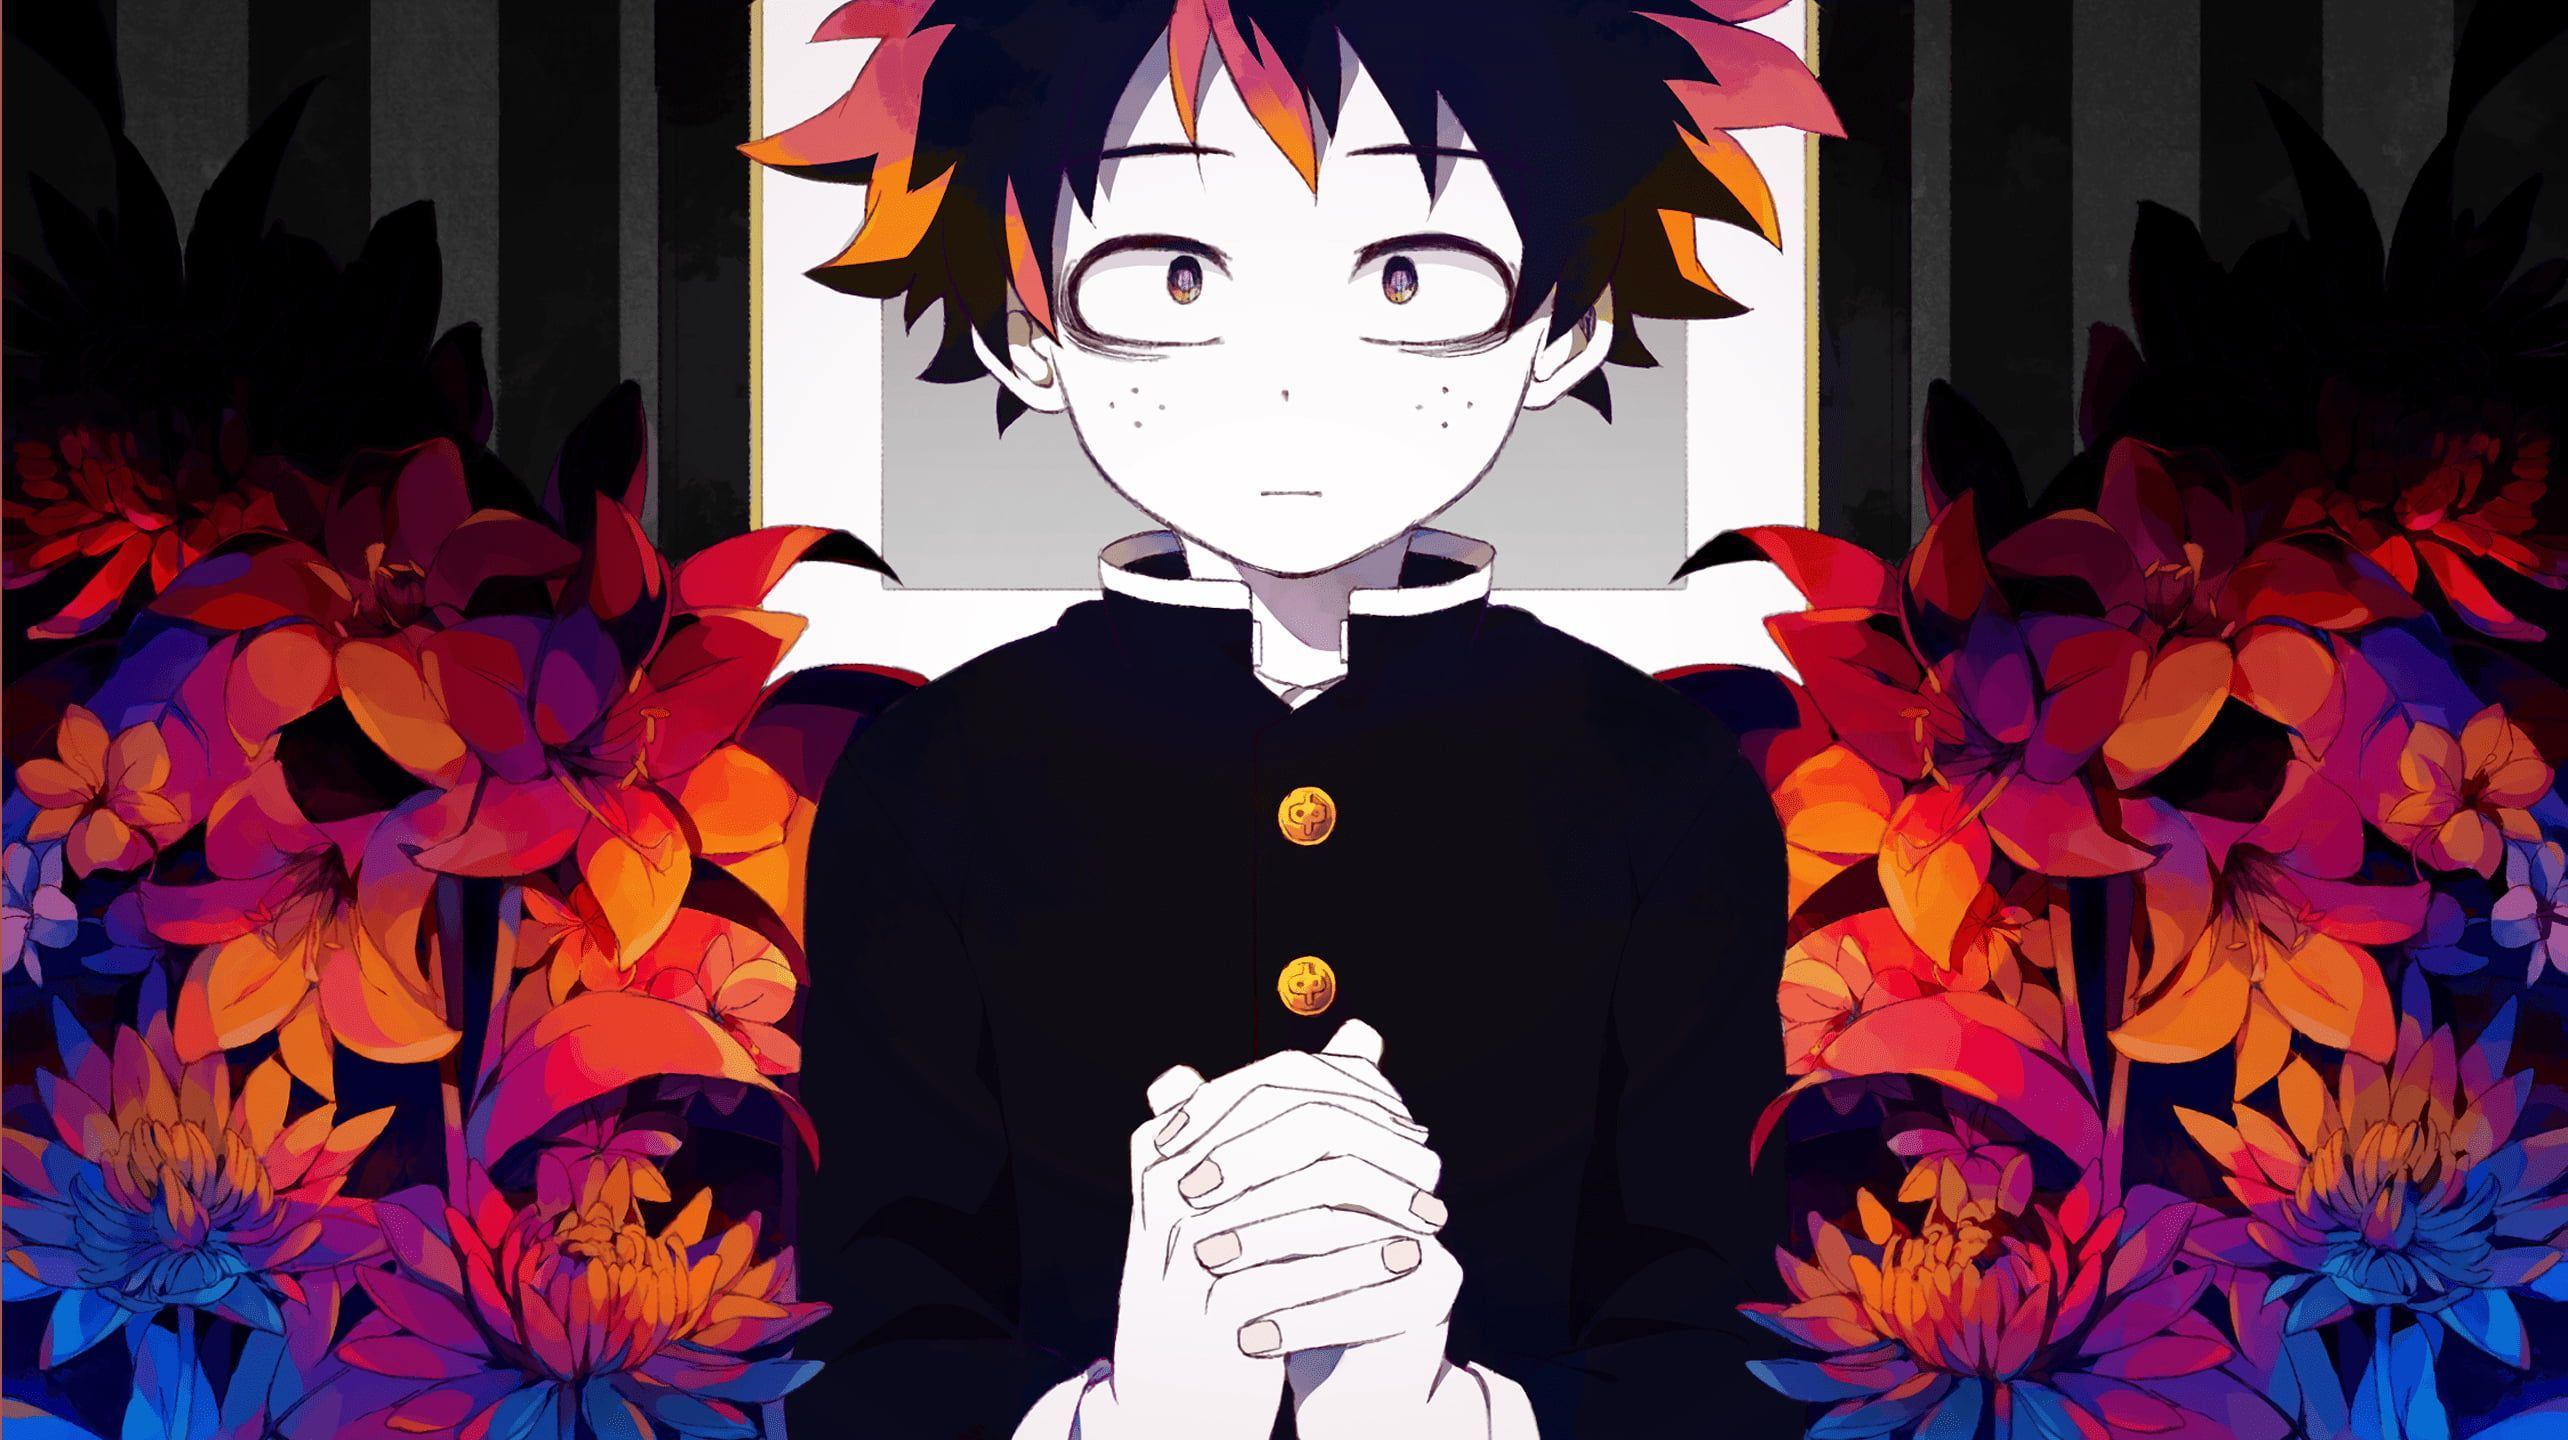 Hình nền kỹ thuật số nhân vật anime nam 2568x1440, Boku no Hero